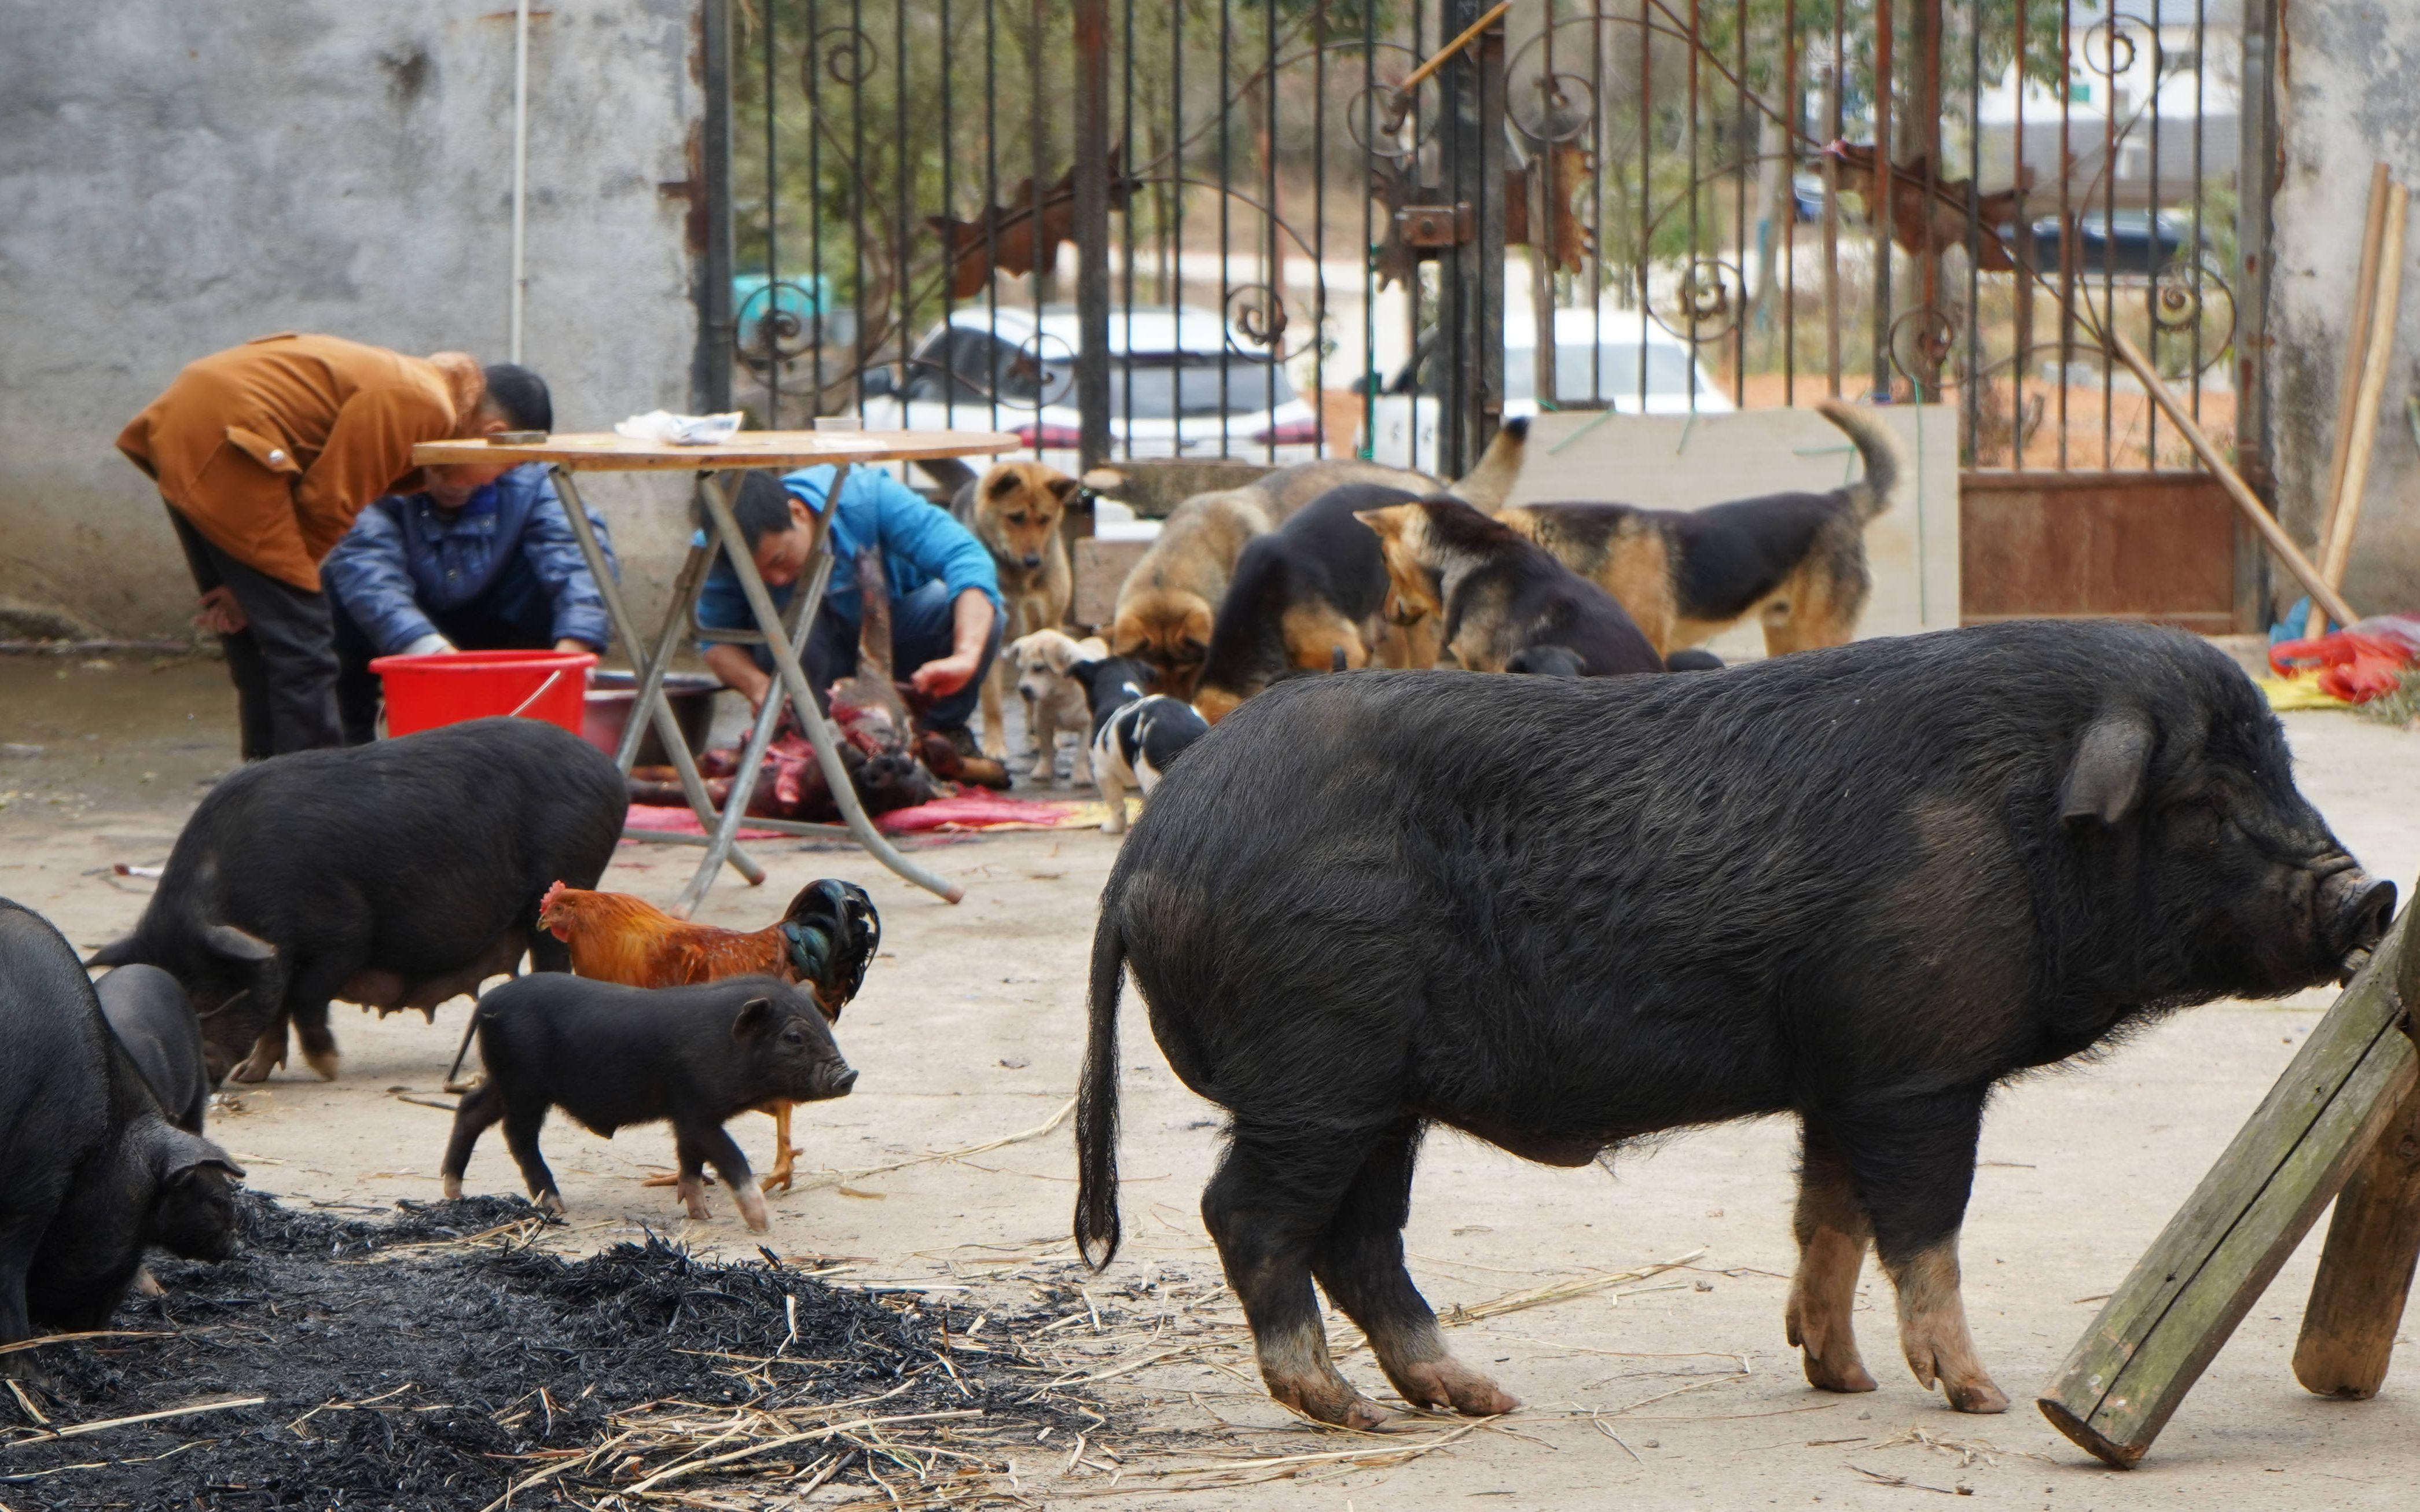 华农兄弟:过年了,烧点水,叫兄弟帮忙一起宰猪过年